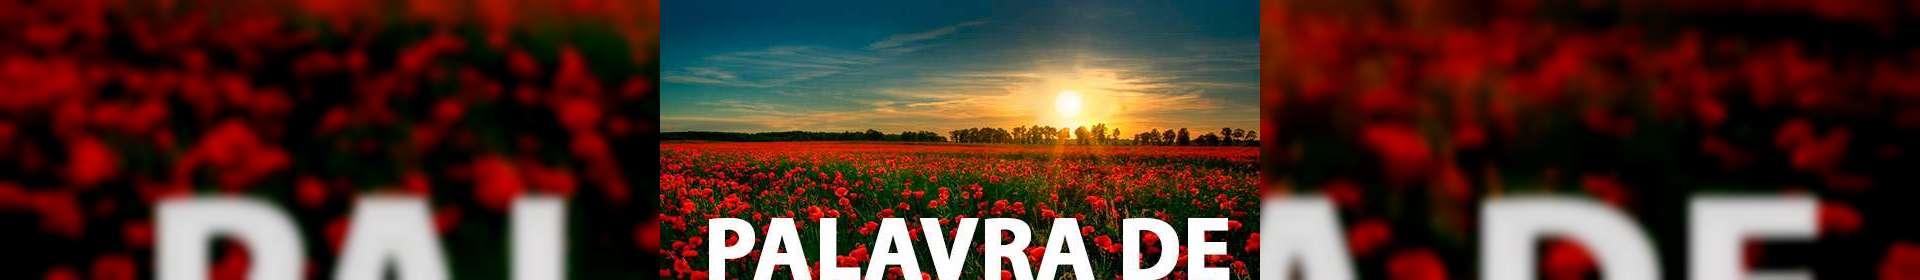 Isaías 64:8 - Uma Palavra de Esperança para sua vida